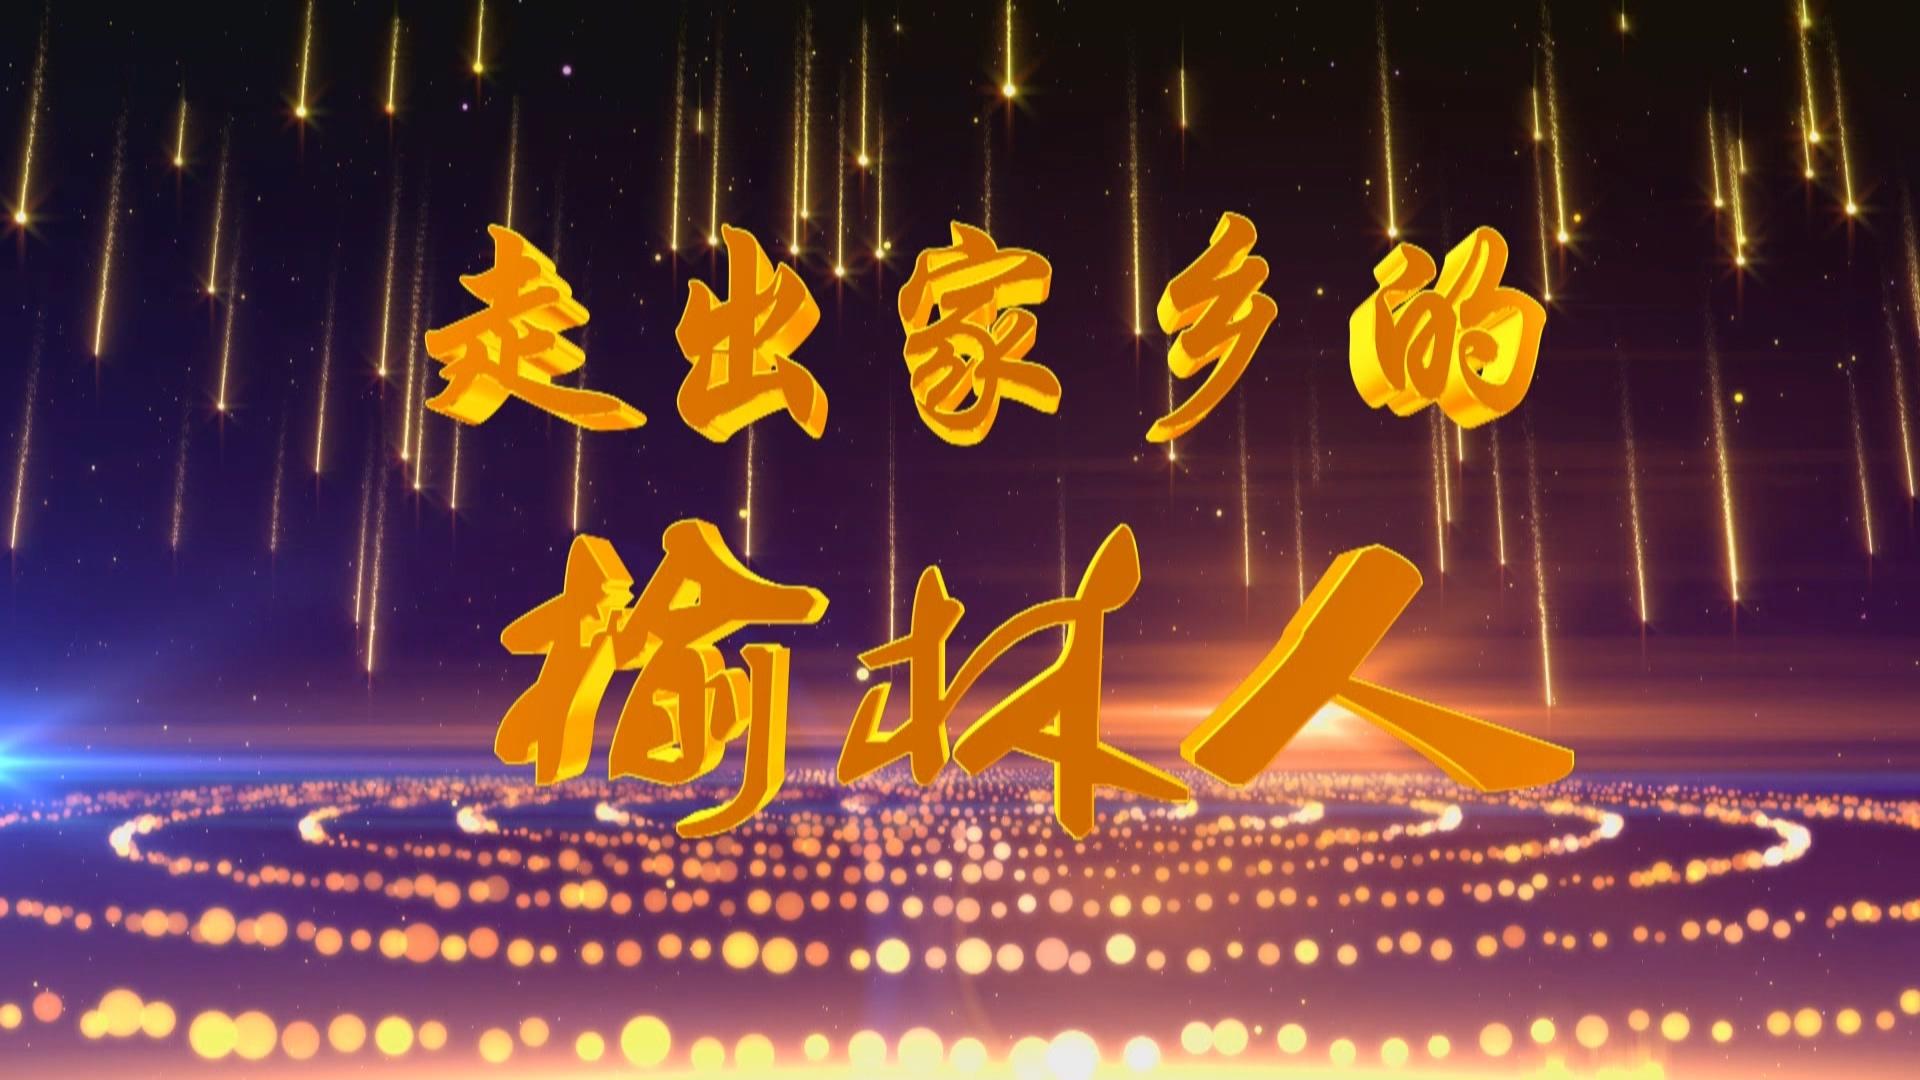 【走出家乡的榆林人】上下求索 化学之美 北京理工大学化学与化工学院副院长张小玲